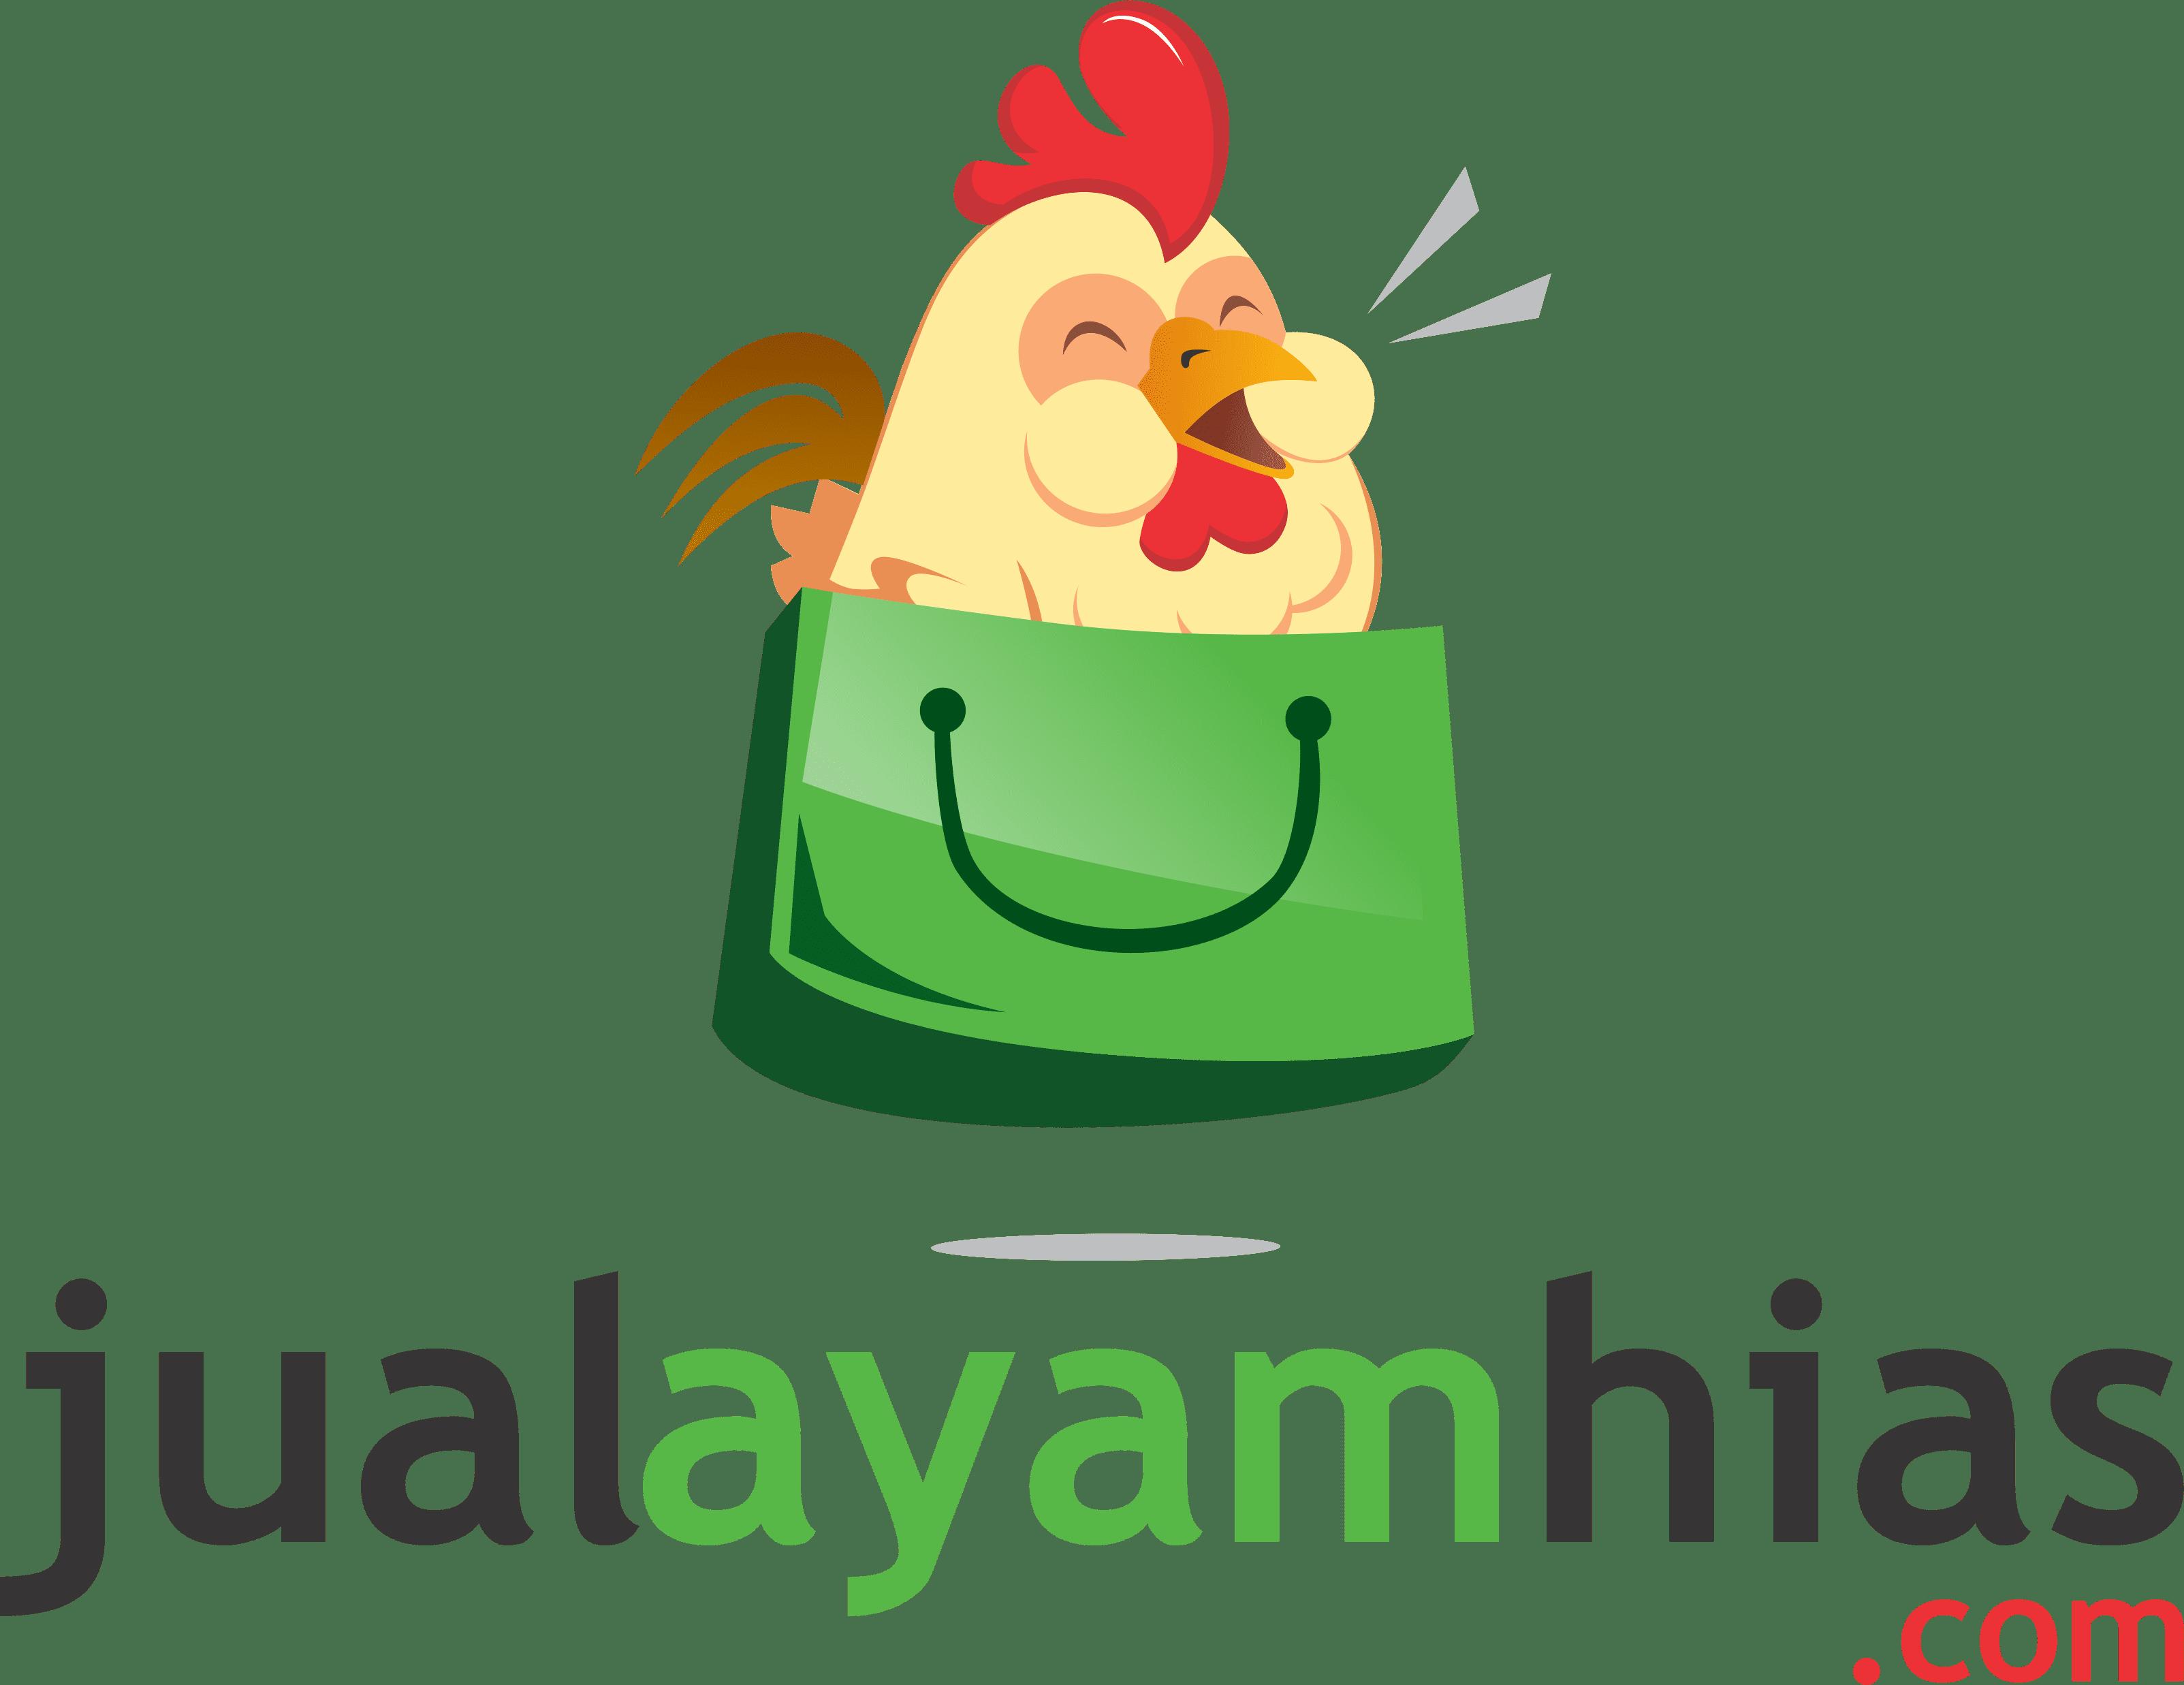 Logo jualayamhias.com